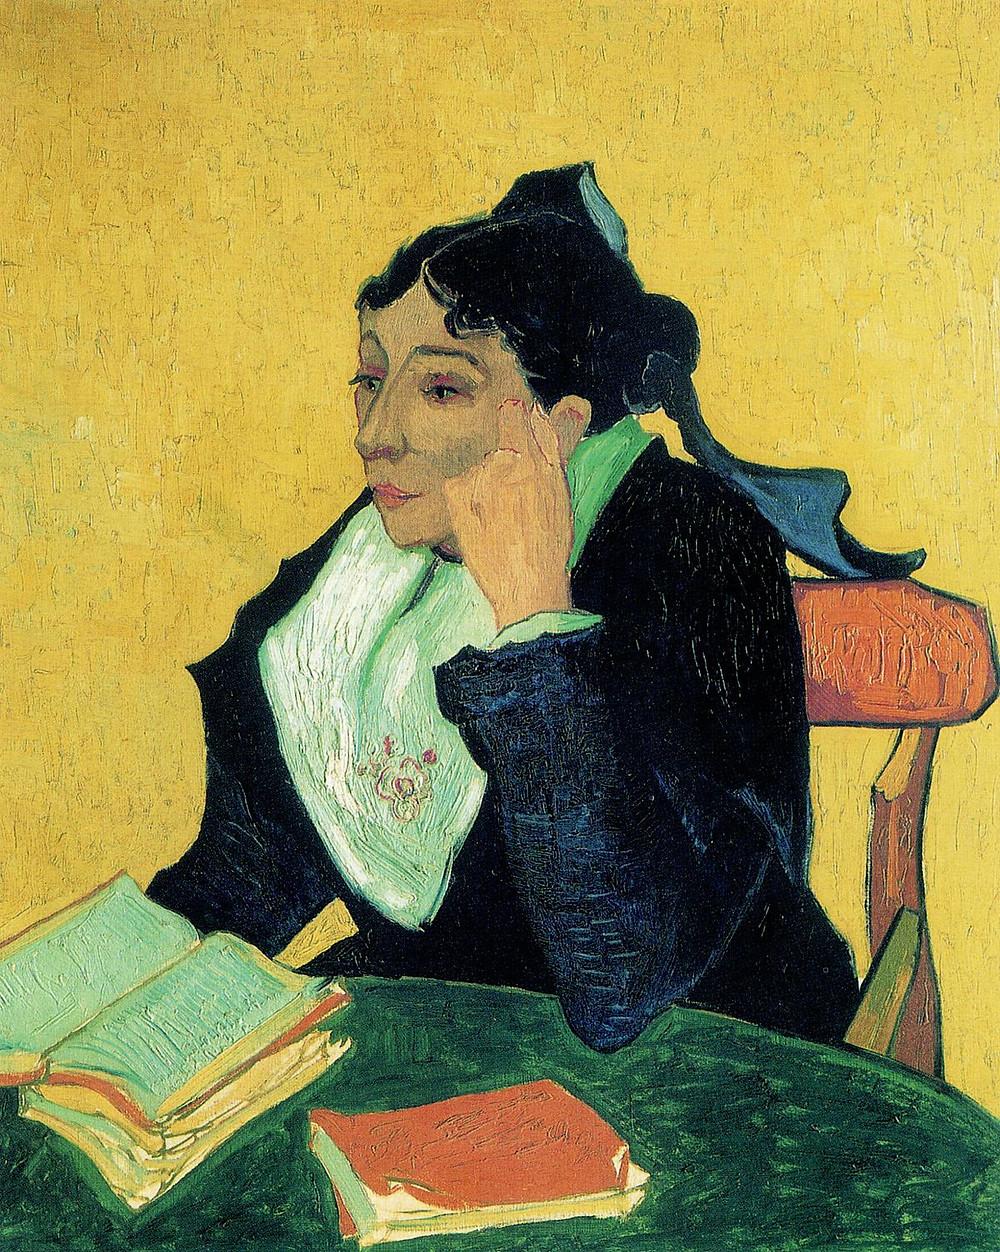 Van Gogh, L'Arlesienne, 1888